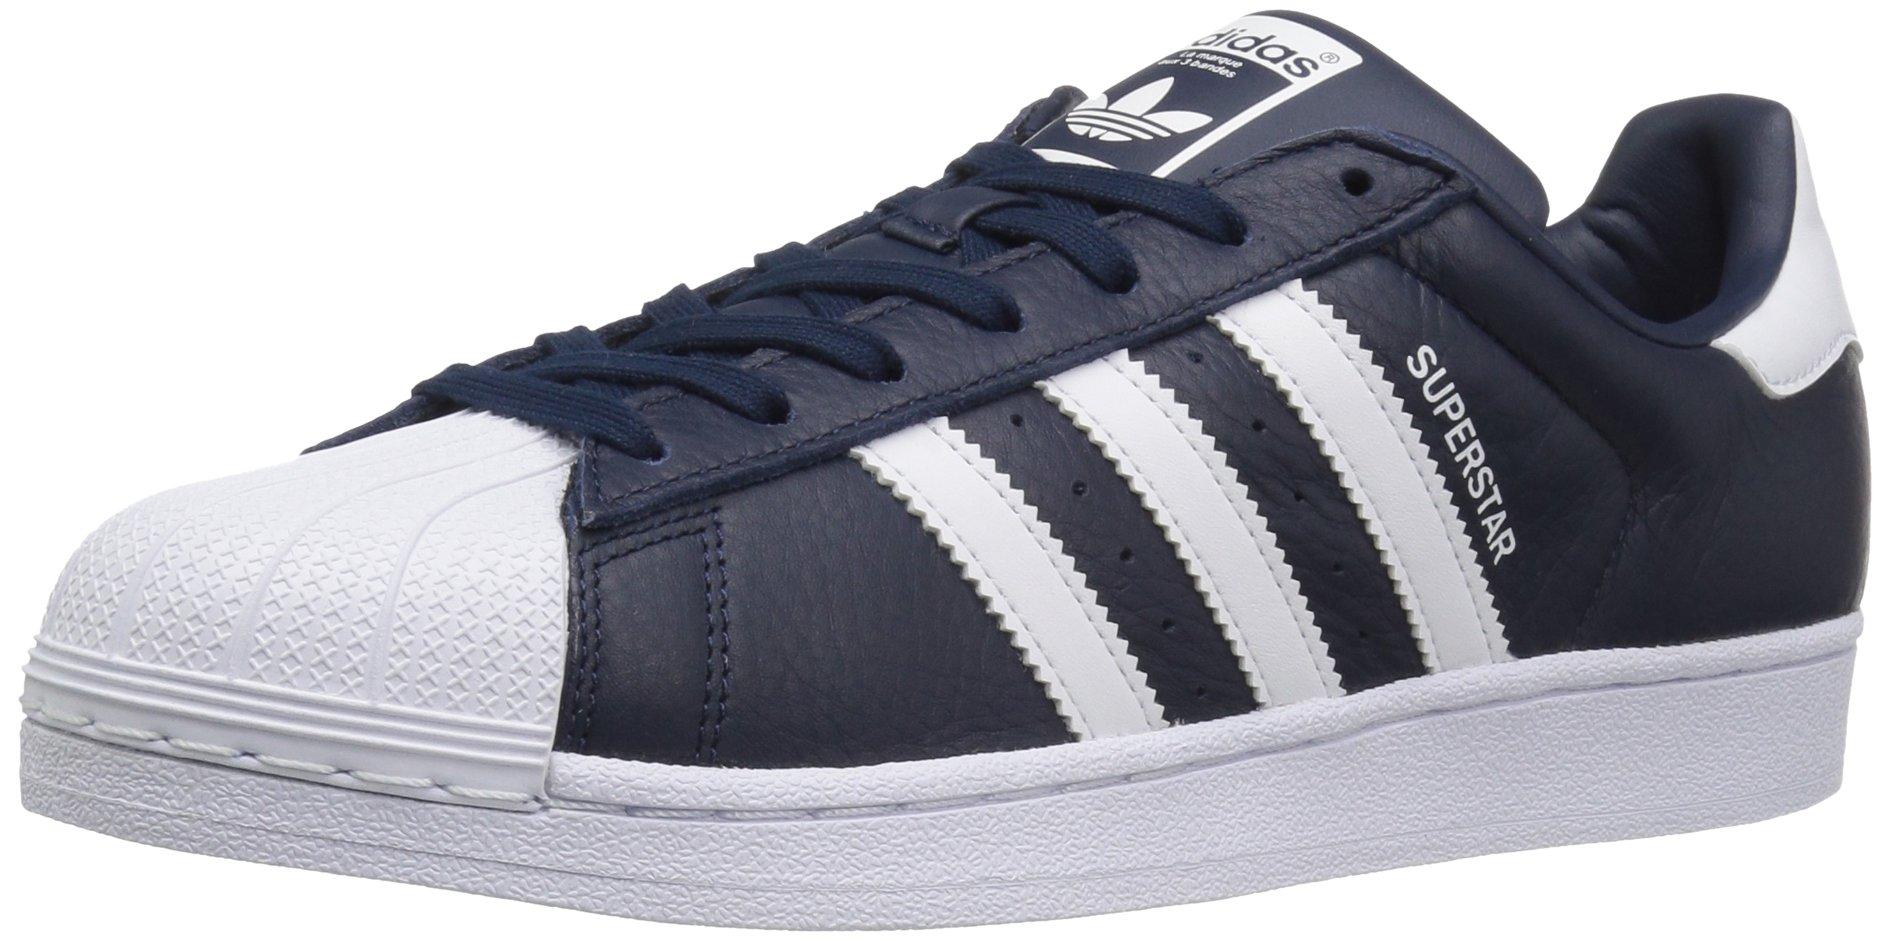 adidas Originals Men's Superstar Sneaker, WhiteCollegiate